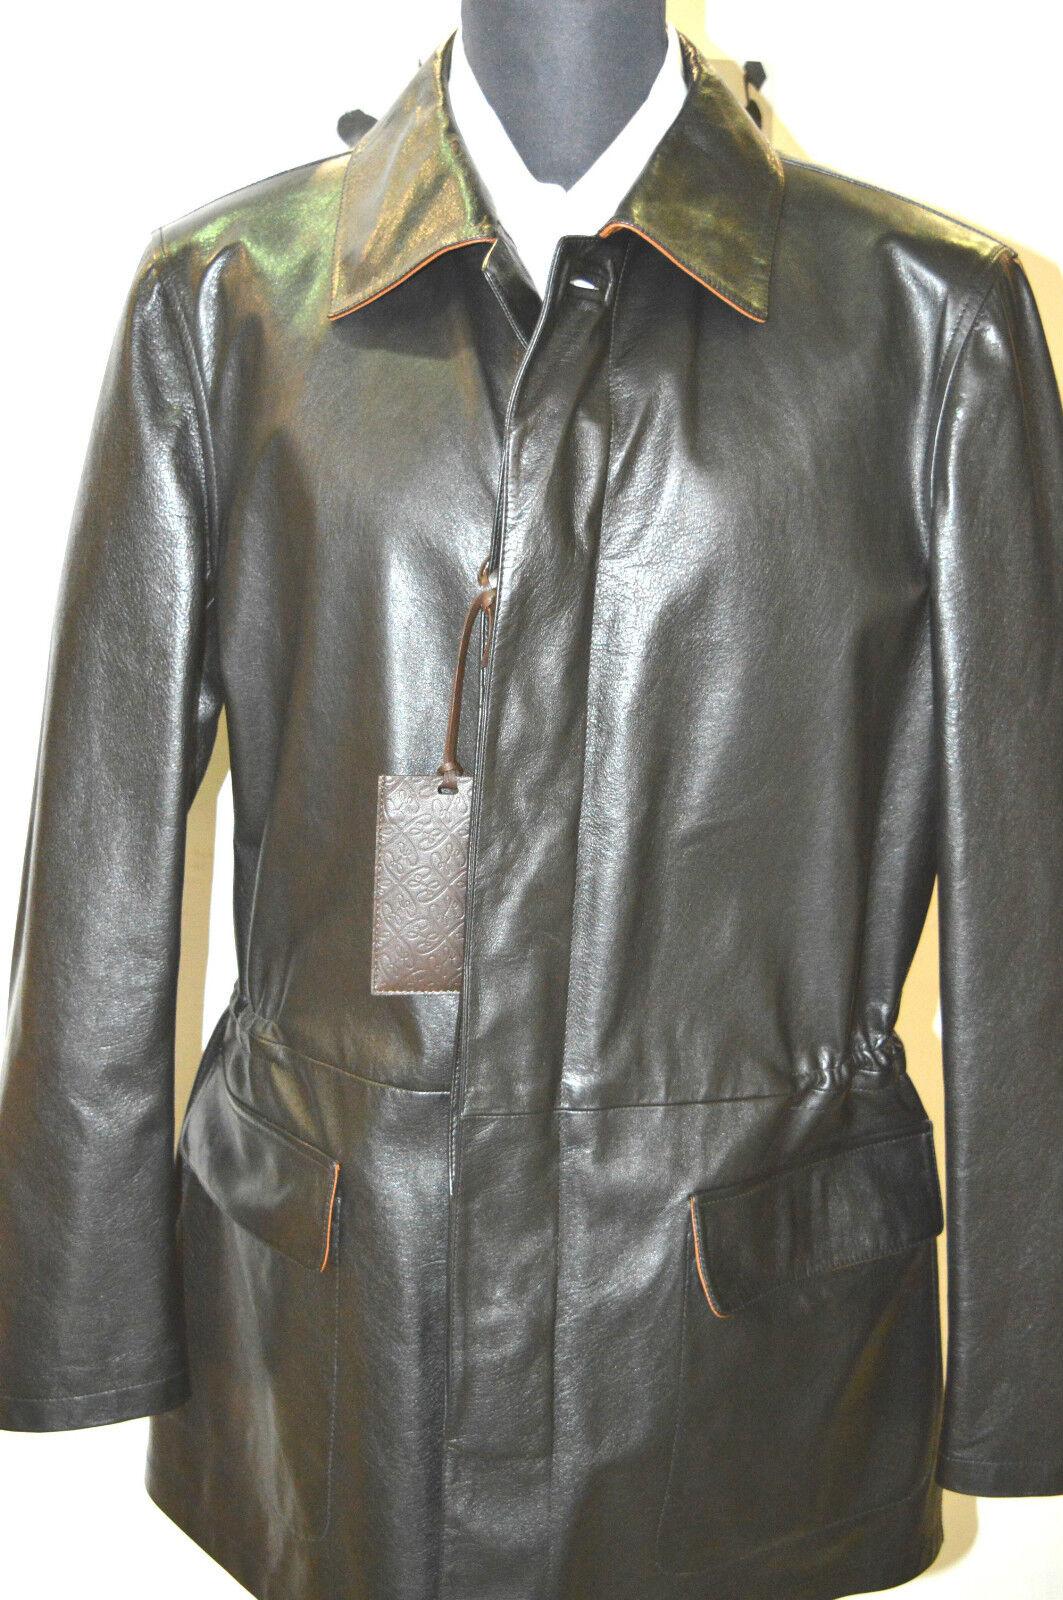 NEW 6850,00  BRIONI -Coat  Leder  Größe Us M Eu 50 Cod 45